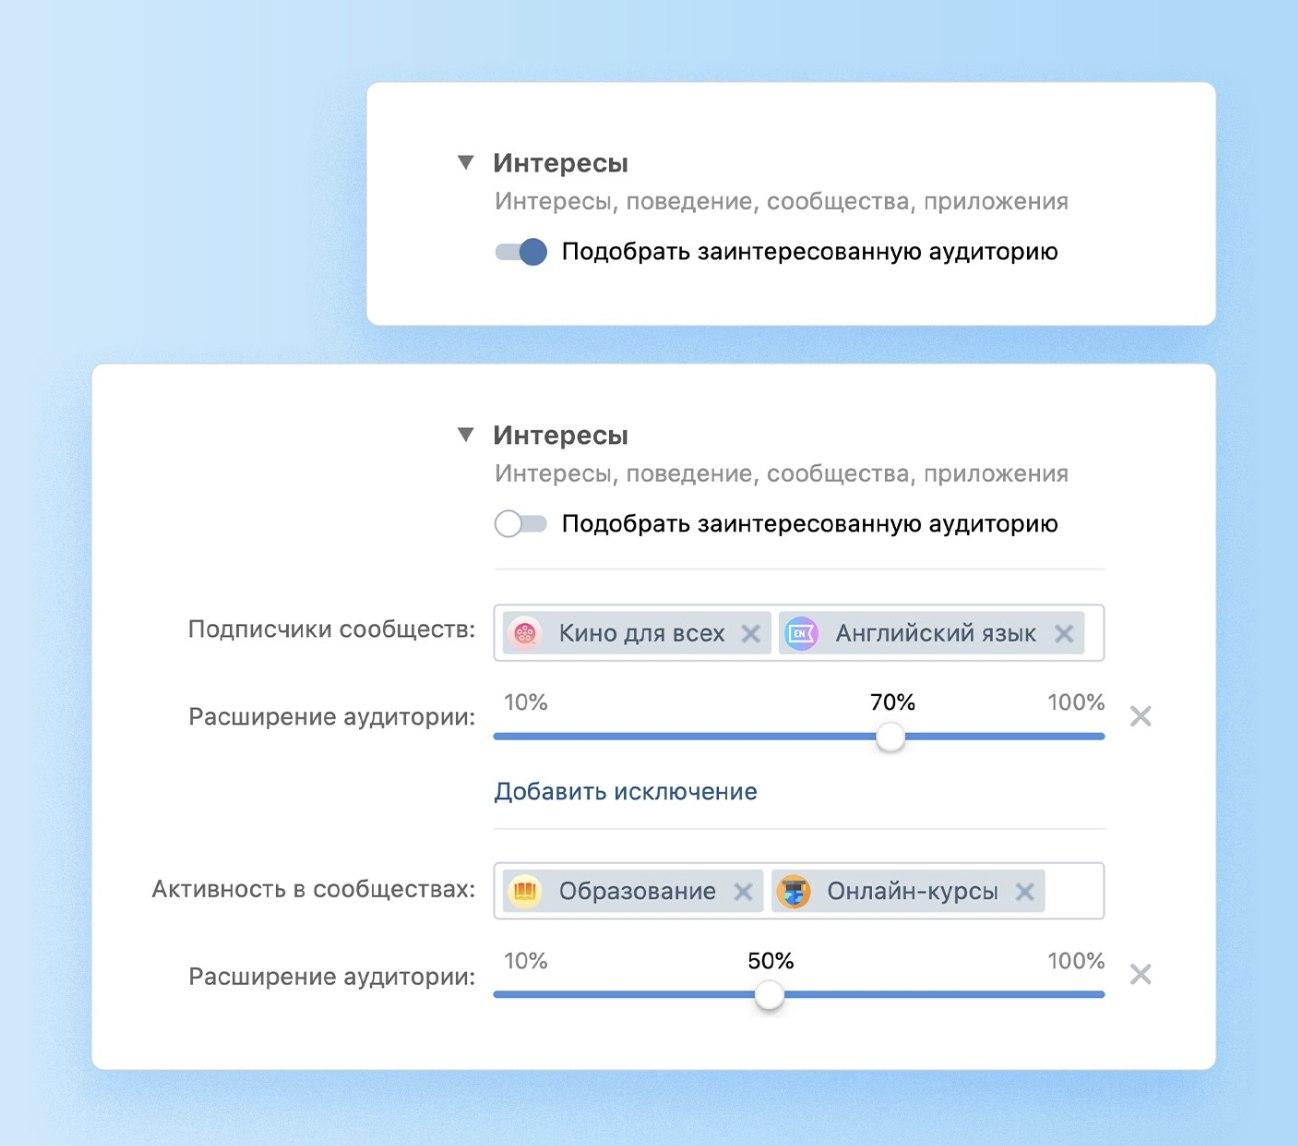 Обновления рекламного кабинета ВК: 2 опции для сбора аудитории